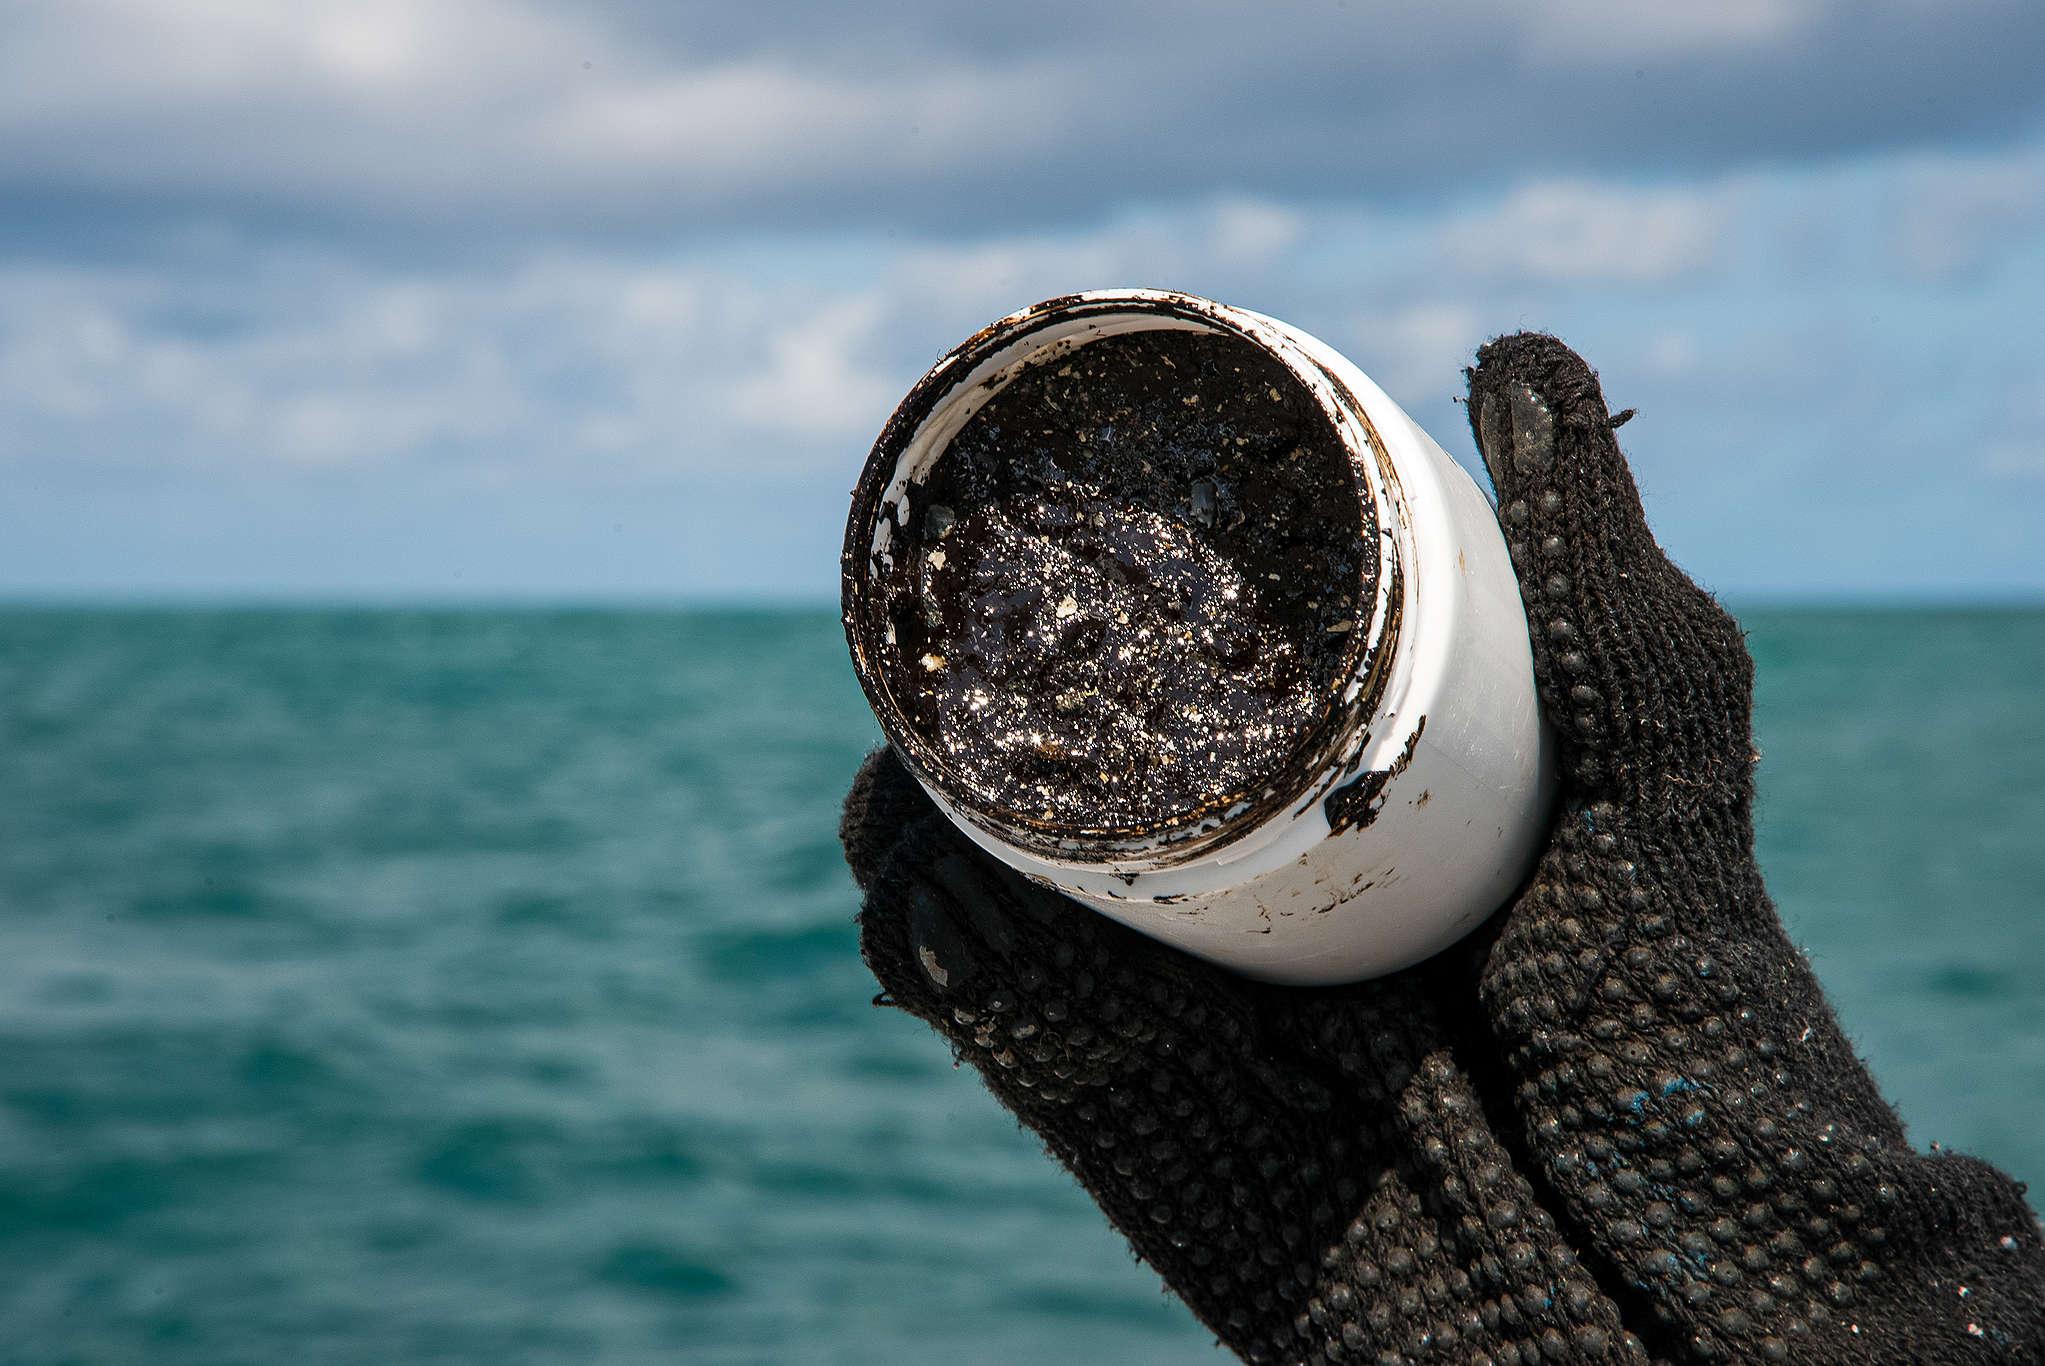 Óleo coletado nos recifes de coral da Praia do Cupe, litoral sul de Pernambuco. © Fernanda Ligabue / Greenpeace